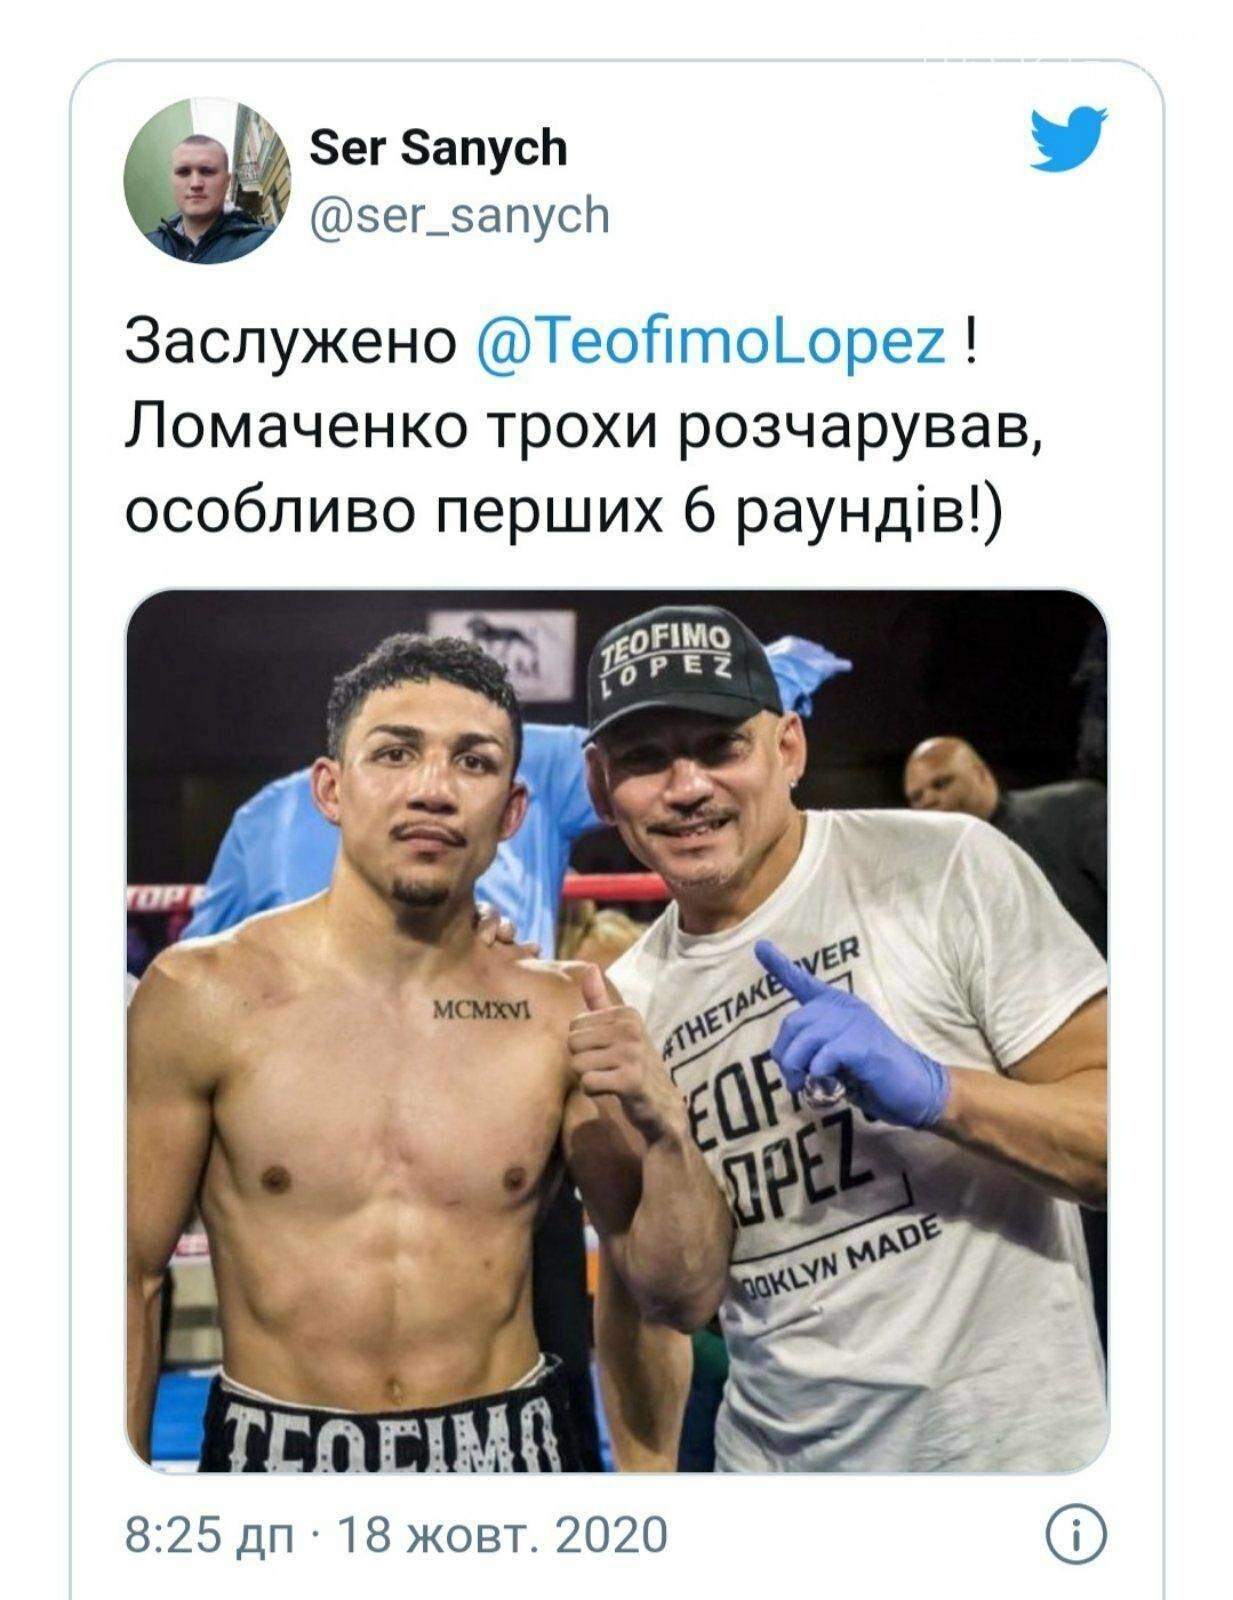 """""""Більше хрестився, ніж бив"""": після поразки Лопесу Ломаченко потрапив під критику вболівальників, фото-2"""